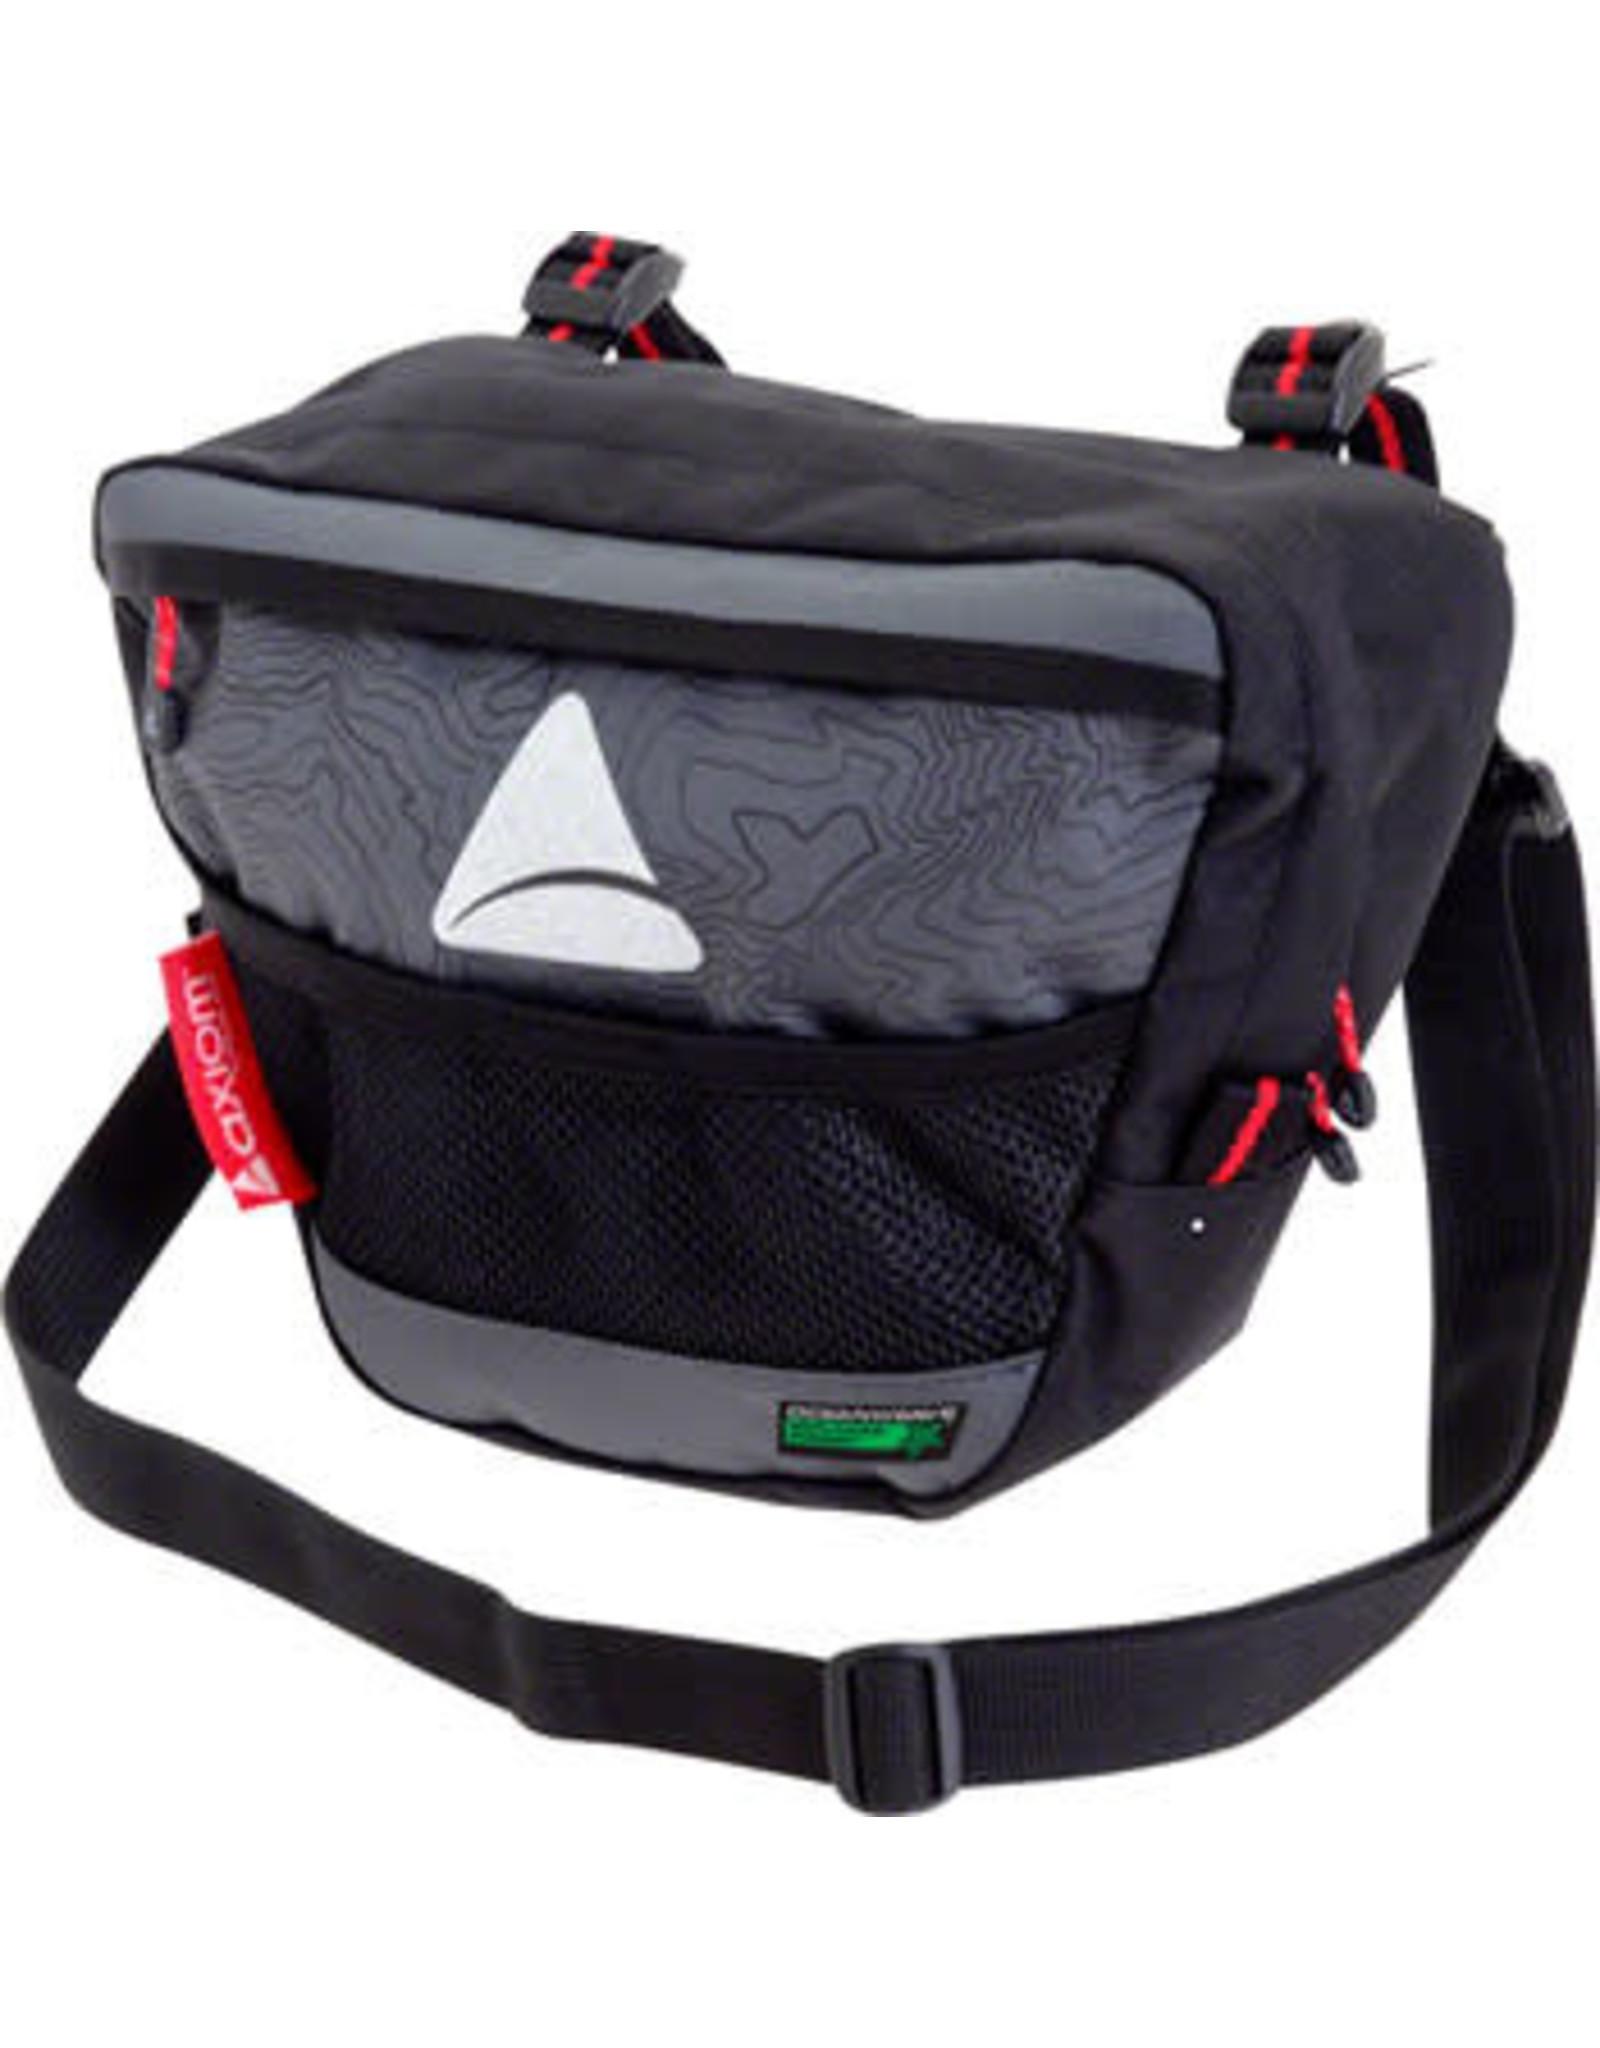 Axiom Axiom Seymour Oceanweave P4 Handlebar Bag: Black/Gray